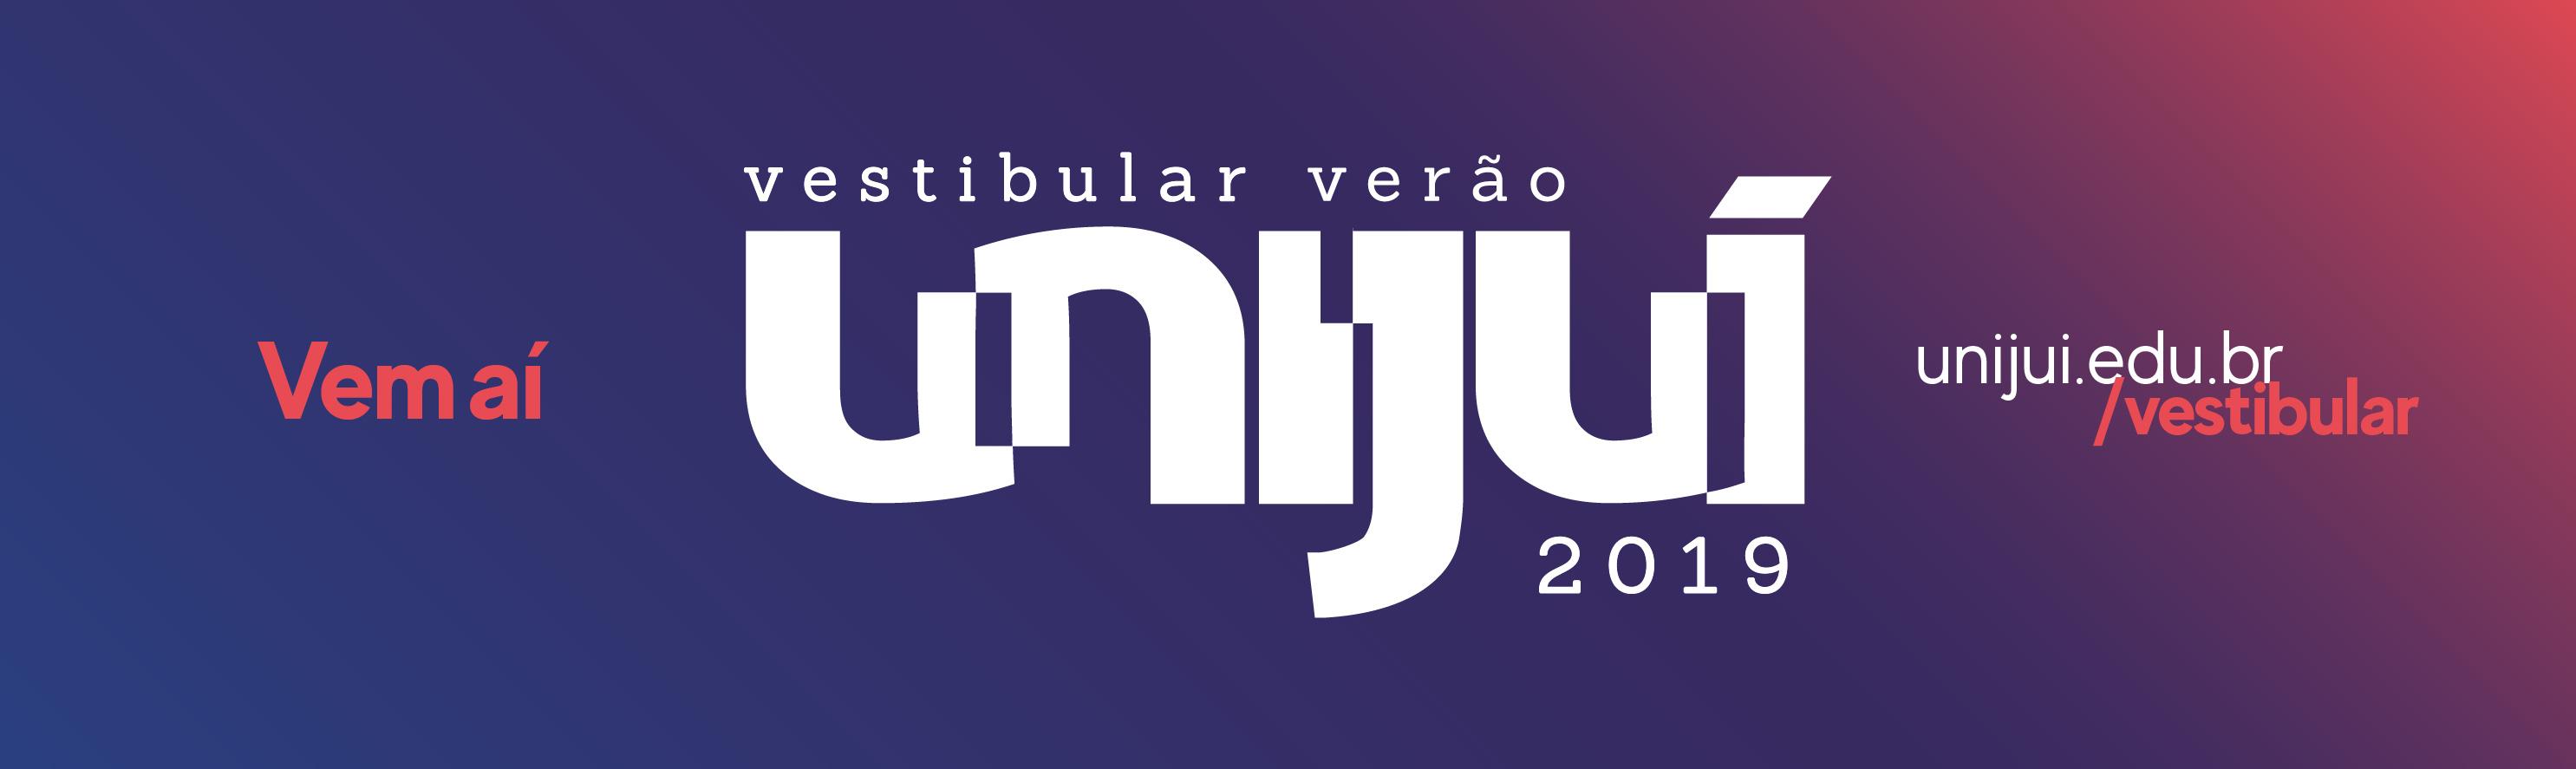 Vestibular de Verão 2019